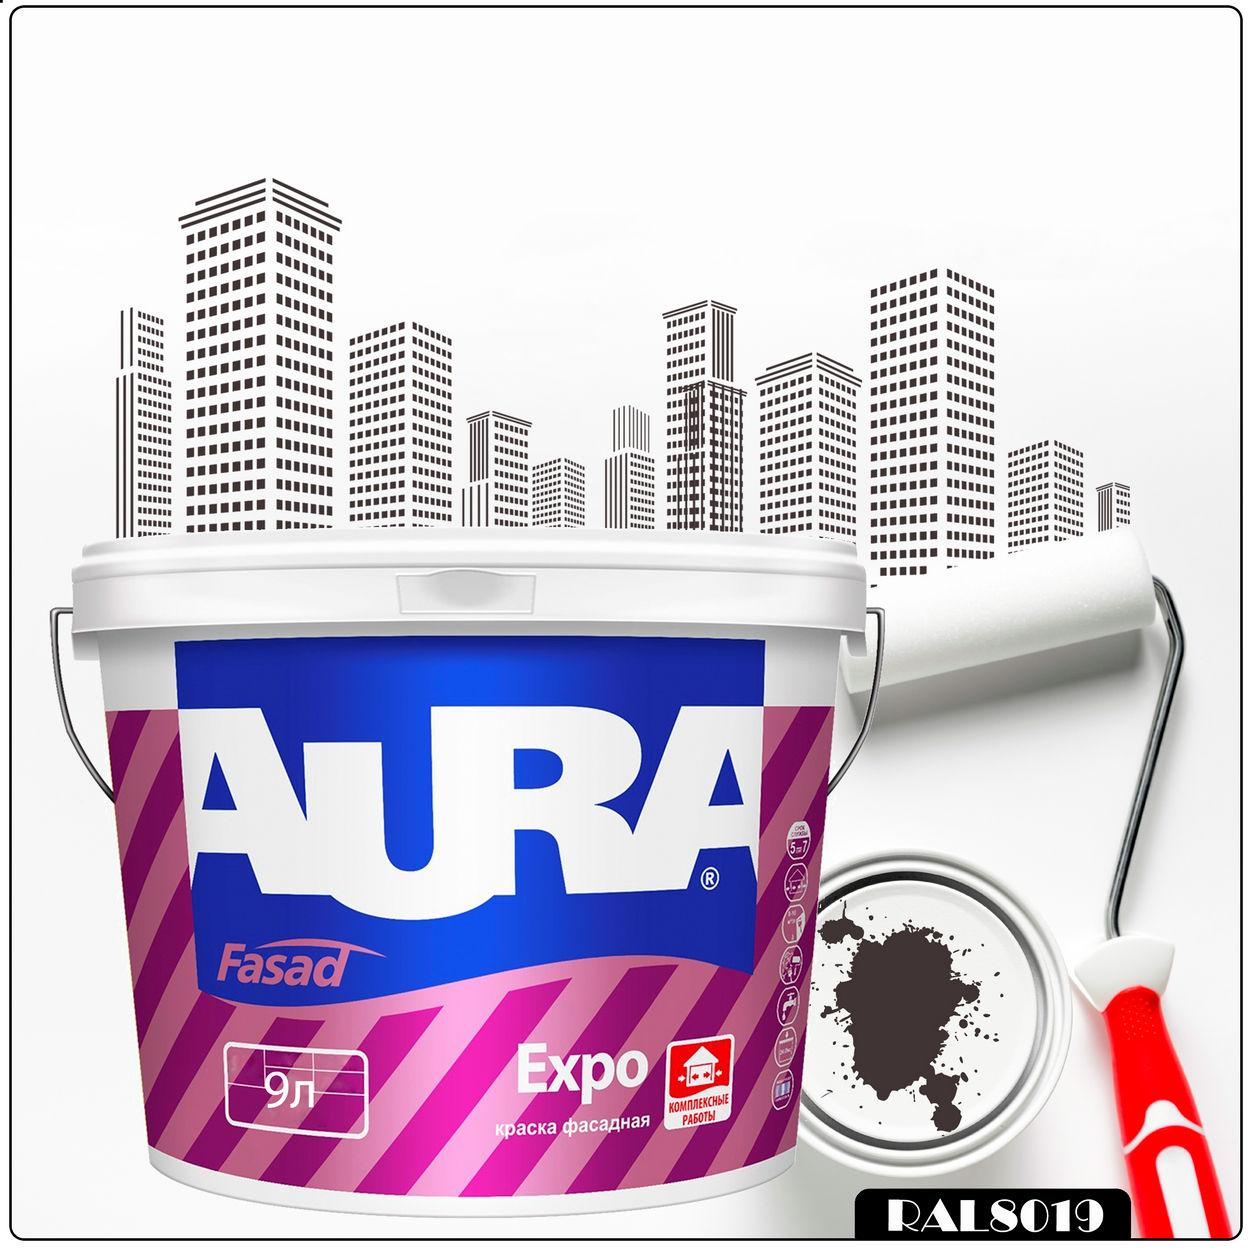 Фото 14 - Краска Aura Fasad Expo, RAL 8019 Серо-коричневый, матовая, для фасадов и помещений с повышенной влажностью, 9л.